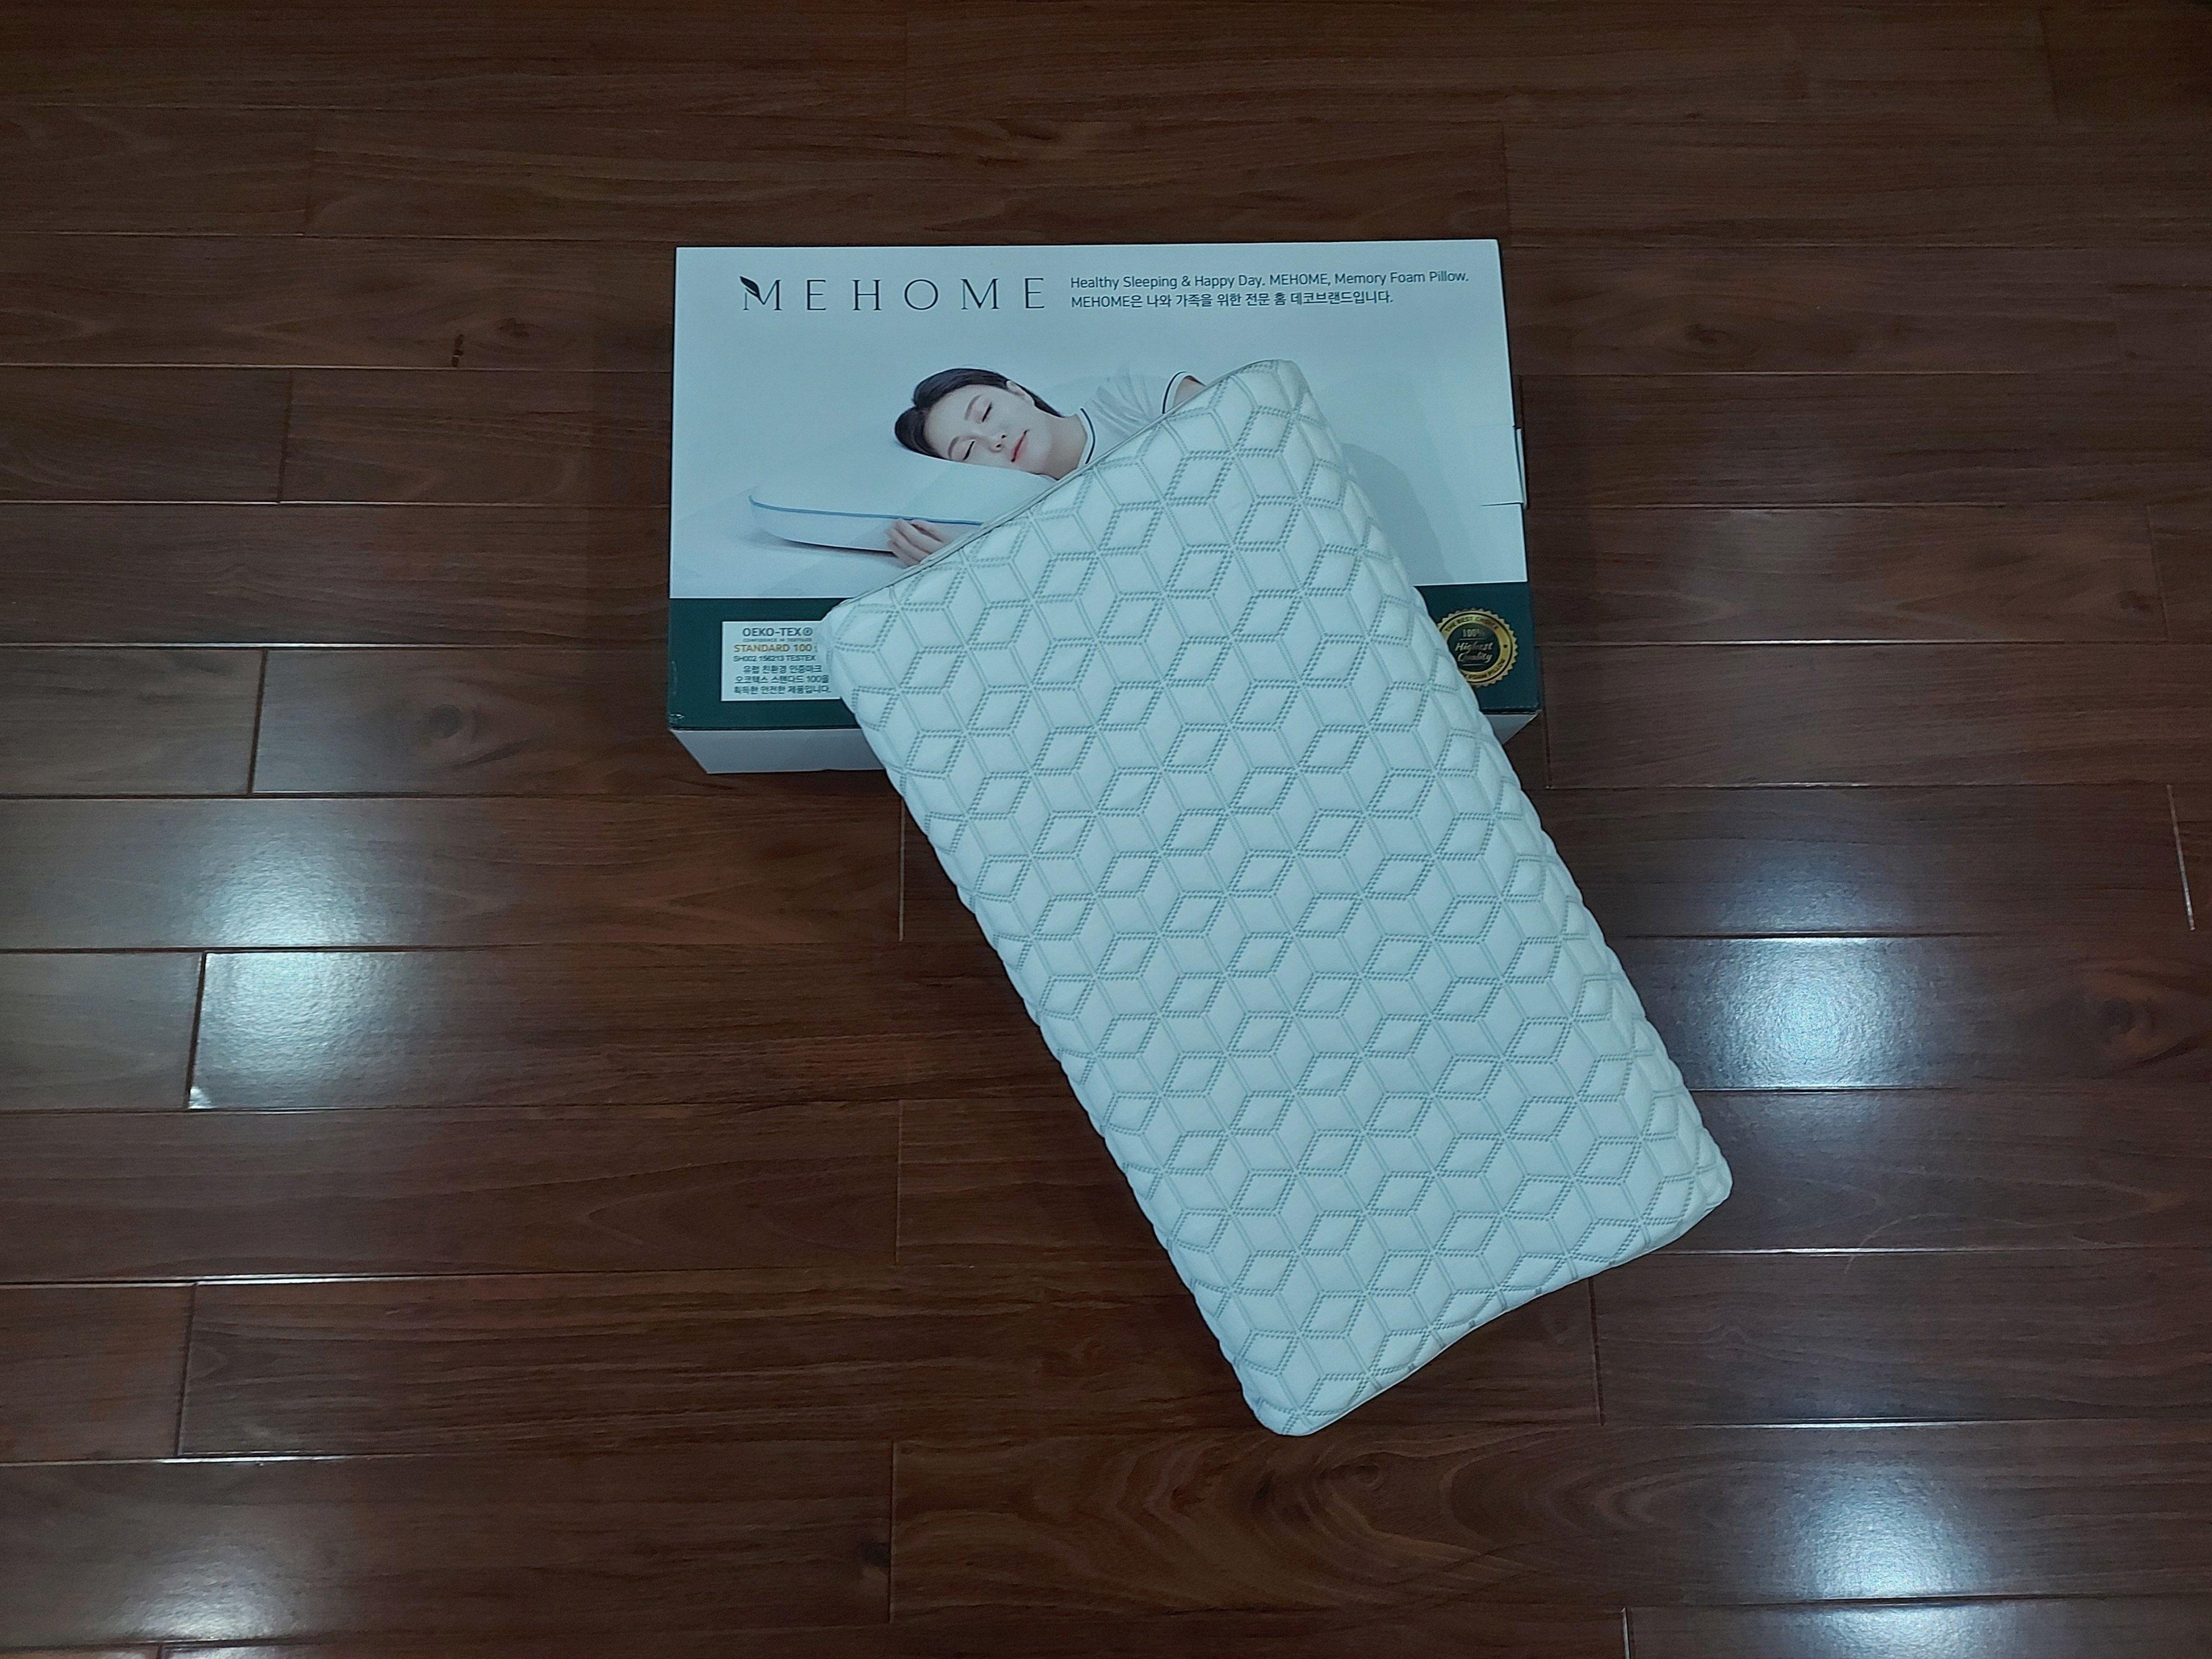 Gối lượn sóng làm mát vỏ lạnh Mehome Hàn Quốc chính hãng